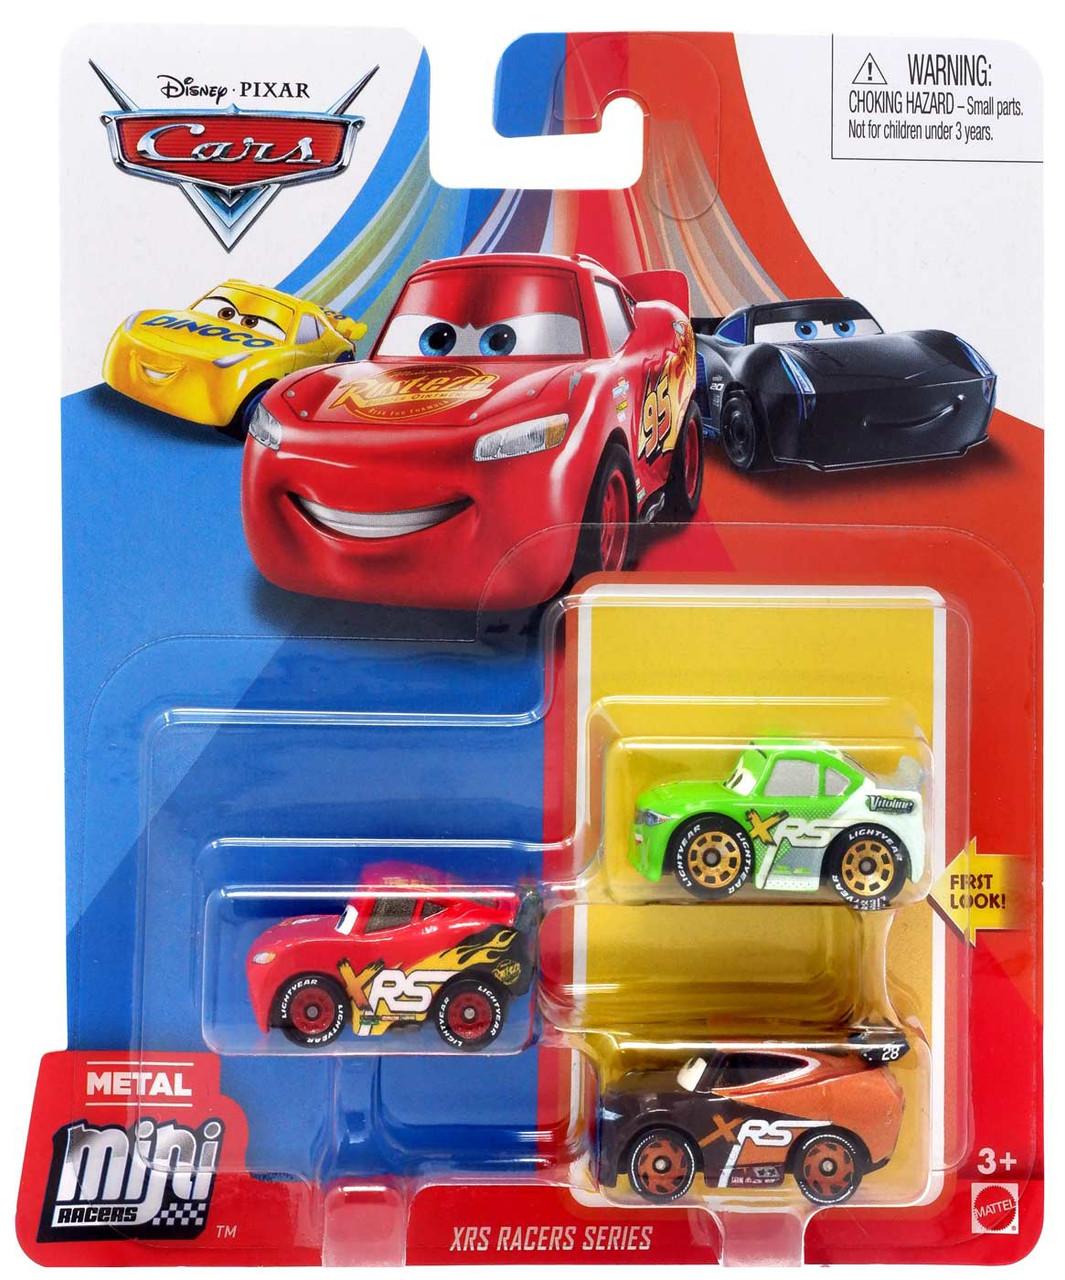 Choose Diecast New Sealed Disney Pixar Cars Radiator Springs Series Mini Racer Speelgoed En Spellen Bioscoop Tv Personages Speelgoed